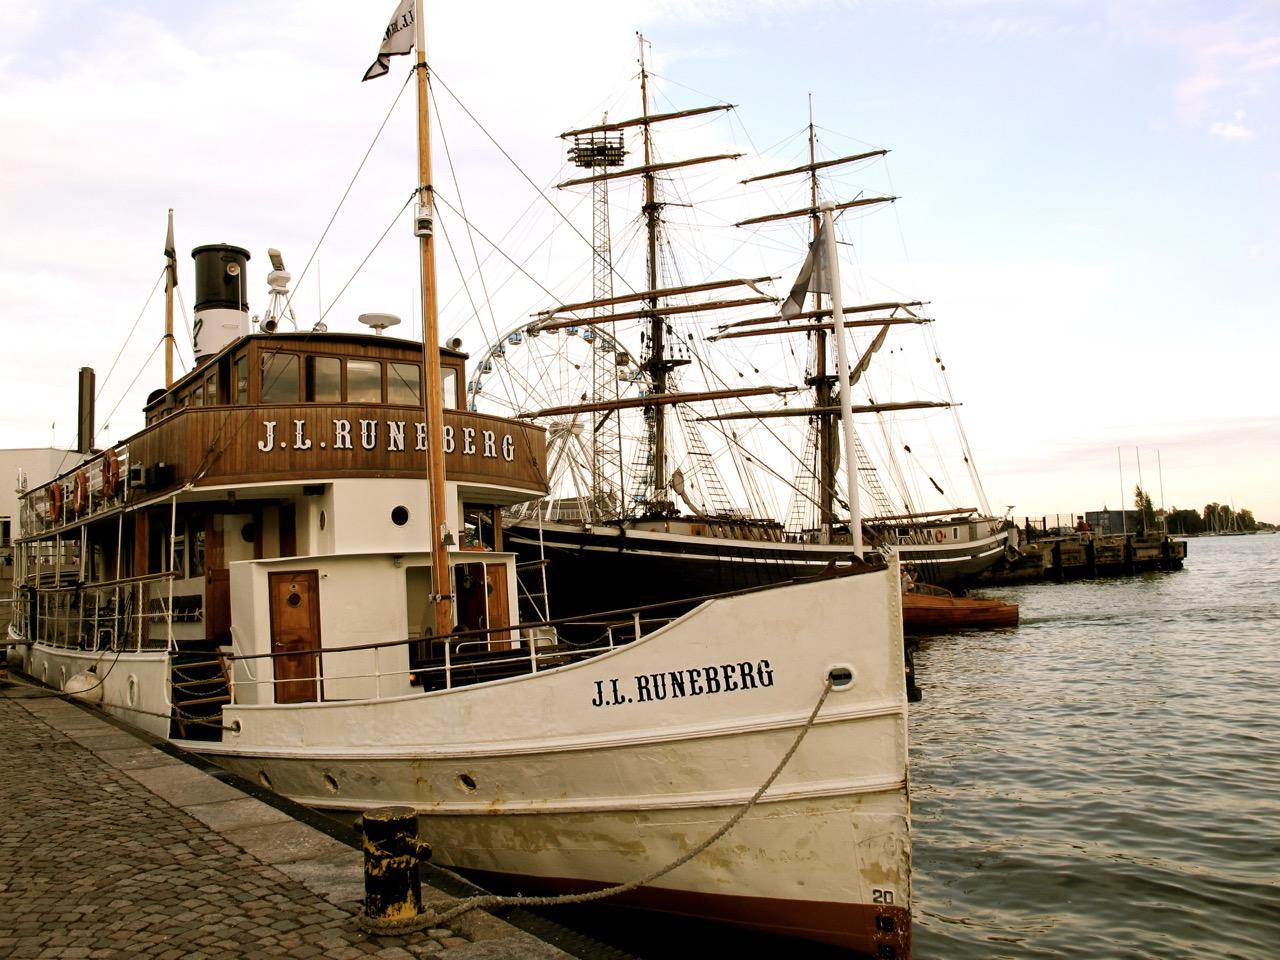 Große Segelschiffe liegen am Hafen an.